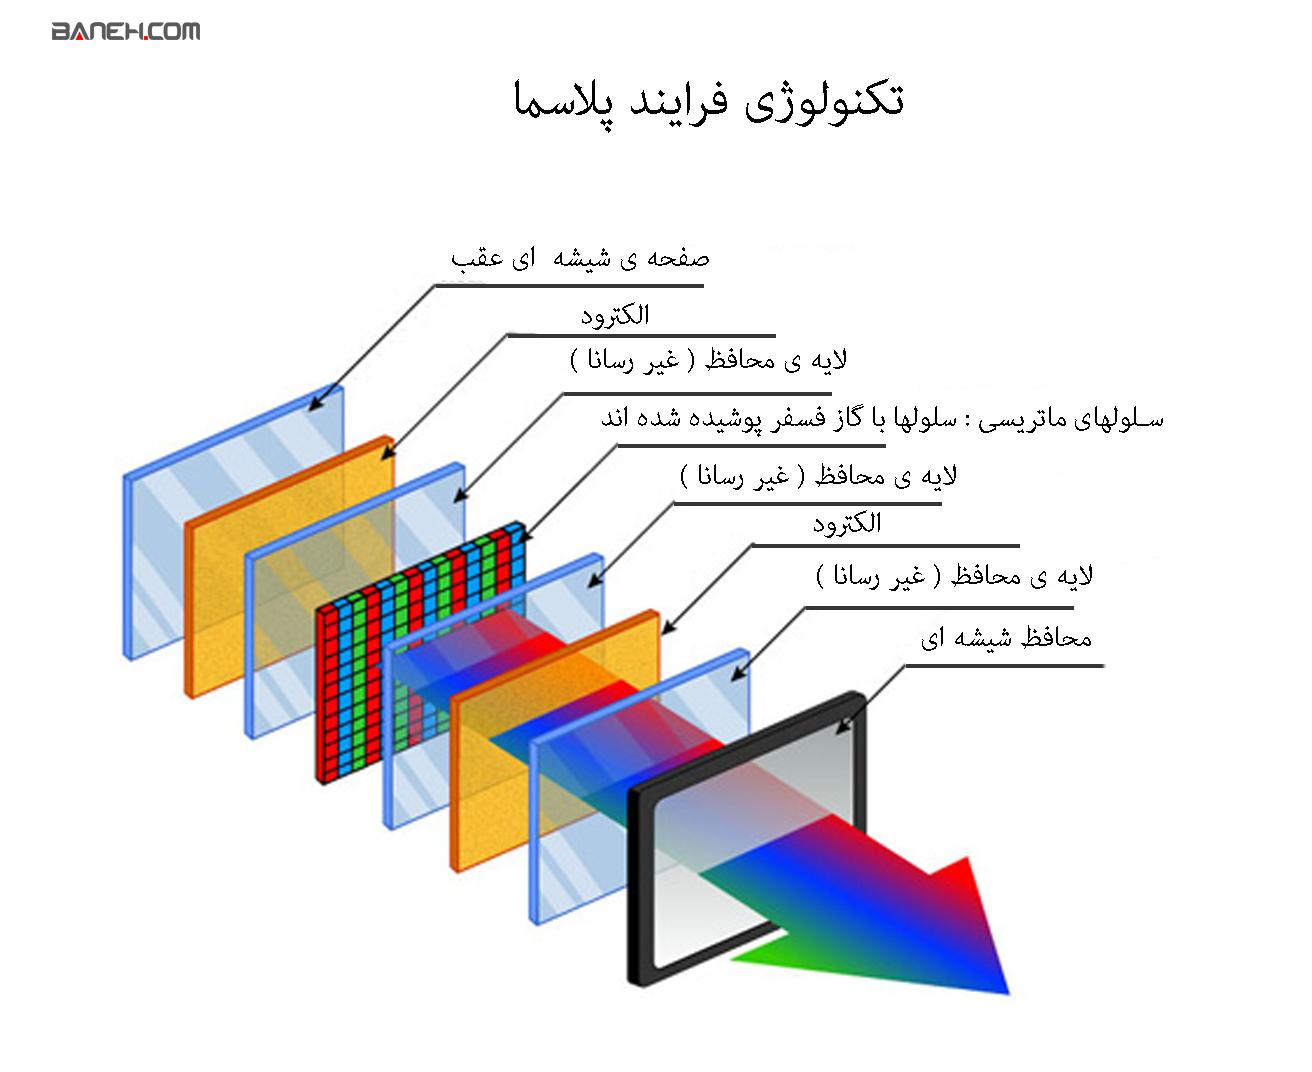 فرایند تکنولوژی پلاسما